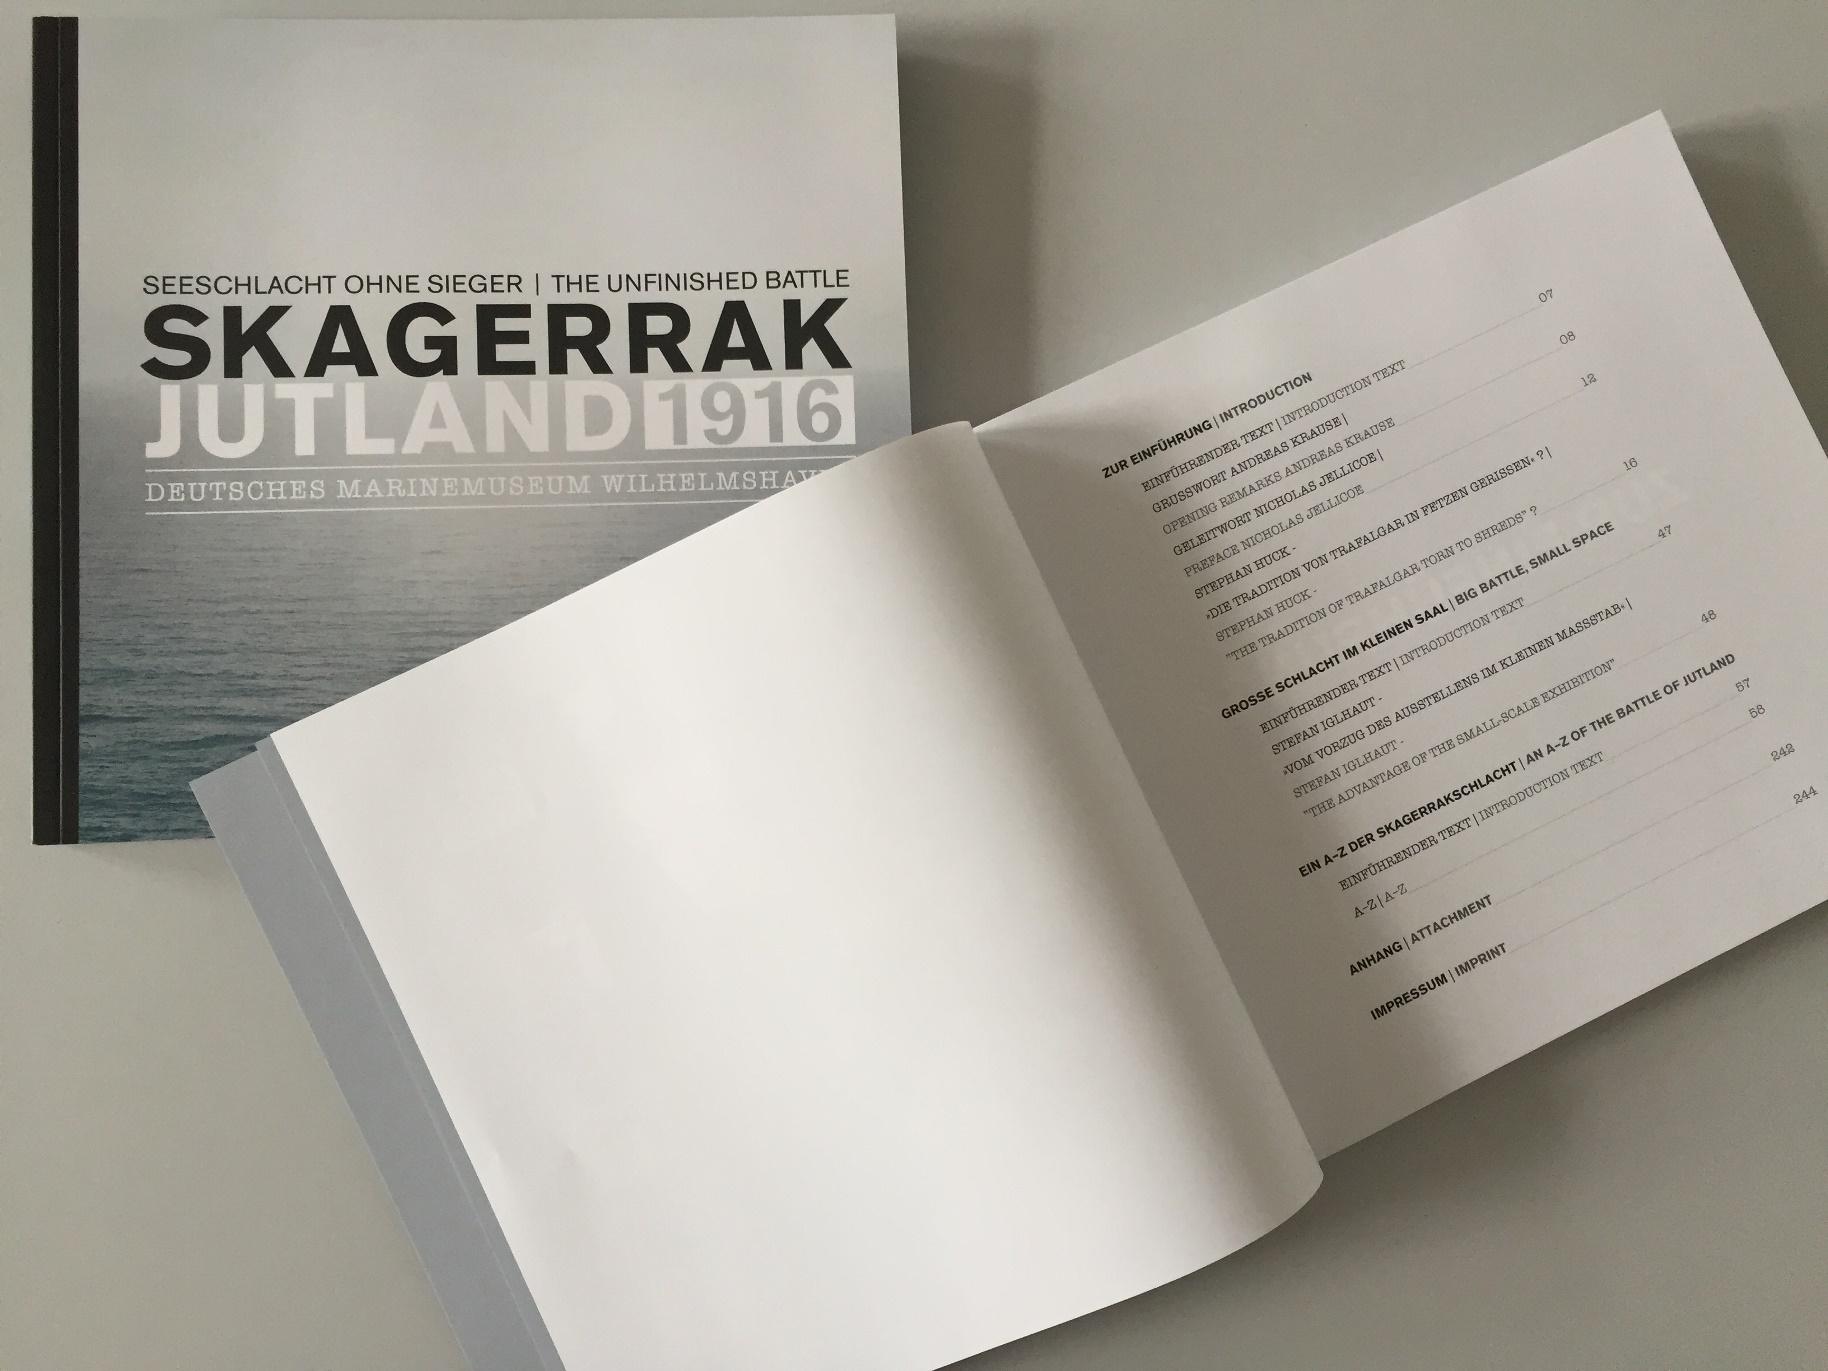 Titel und Inhaltsverzeichnis des Ausstellungskataloges